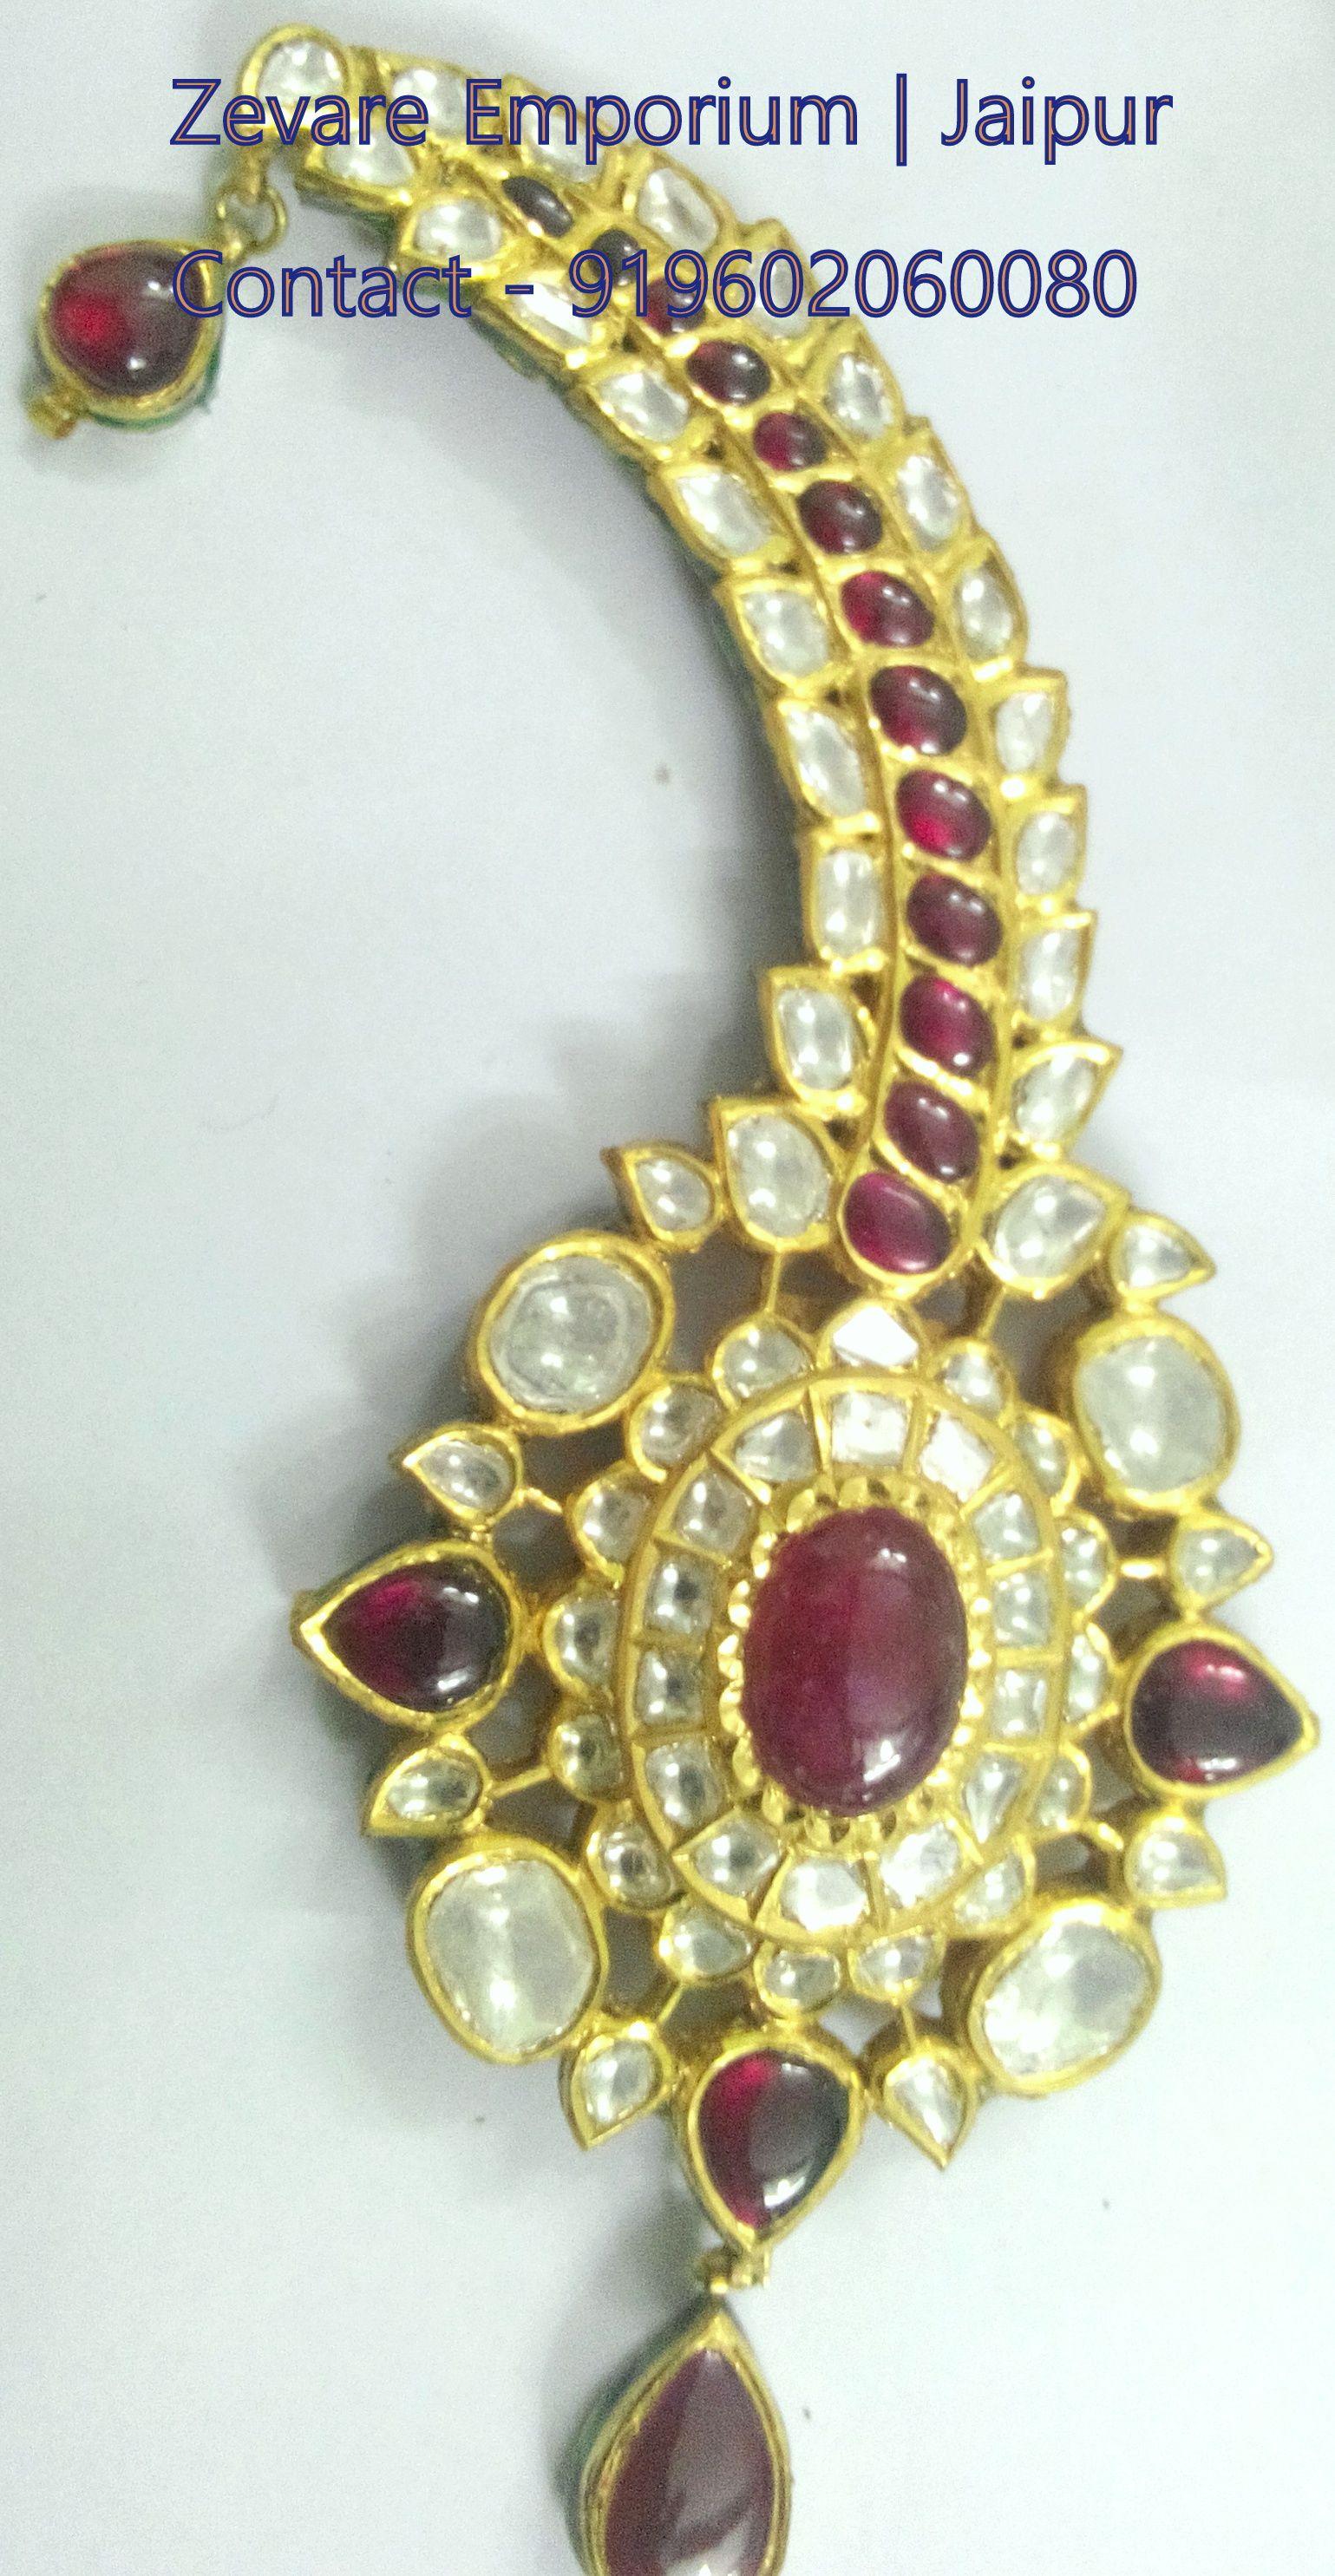 Real Gold Kundan Meena Diamond Polki Jewellery, Jadau Polki